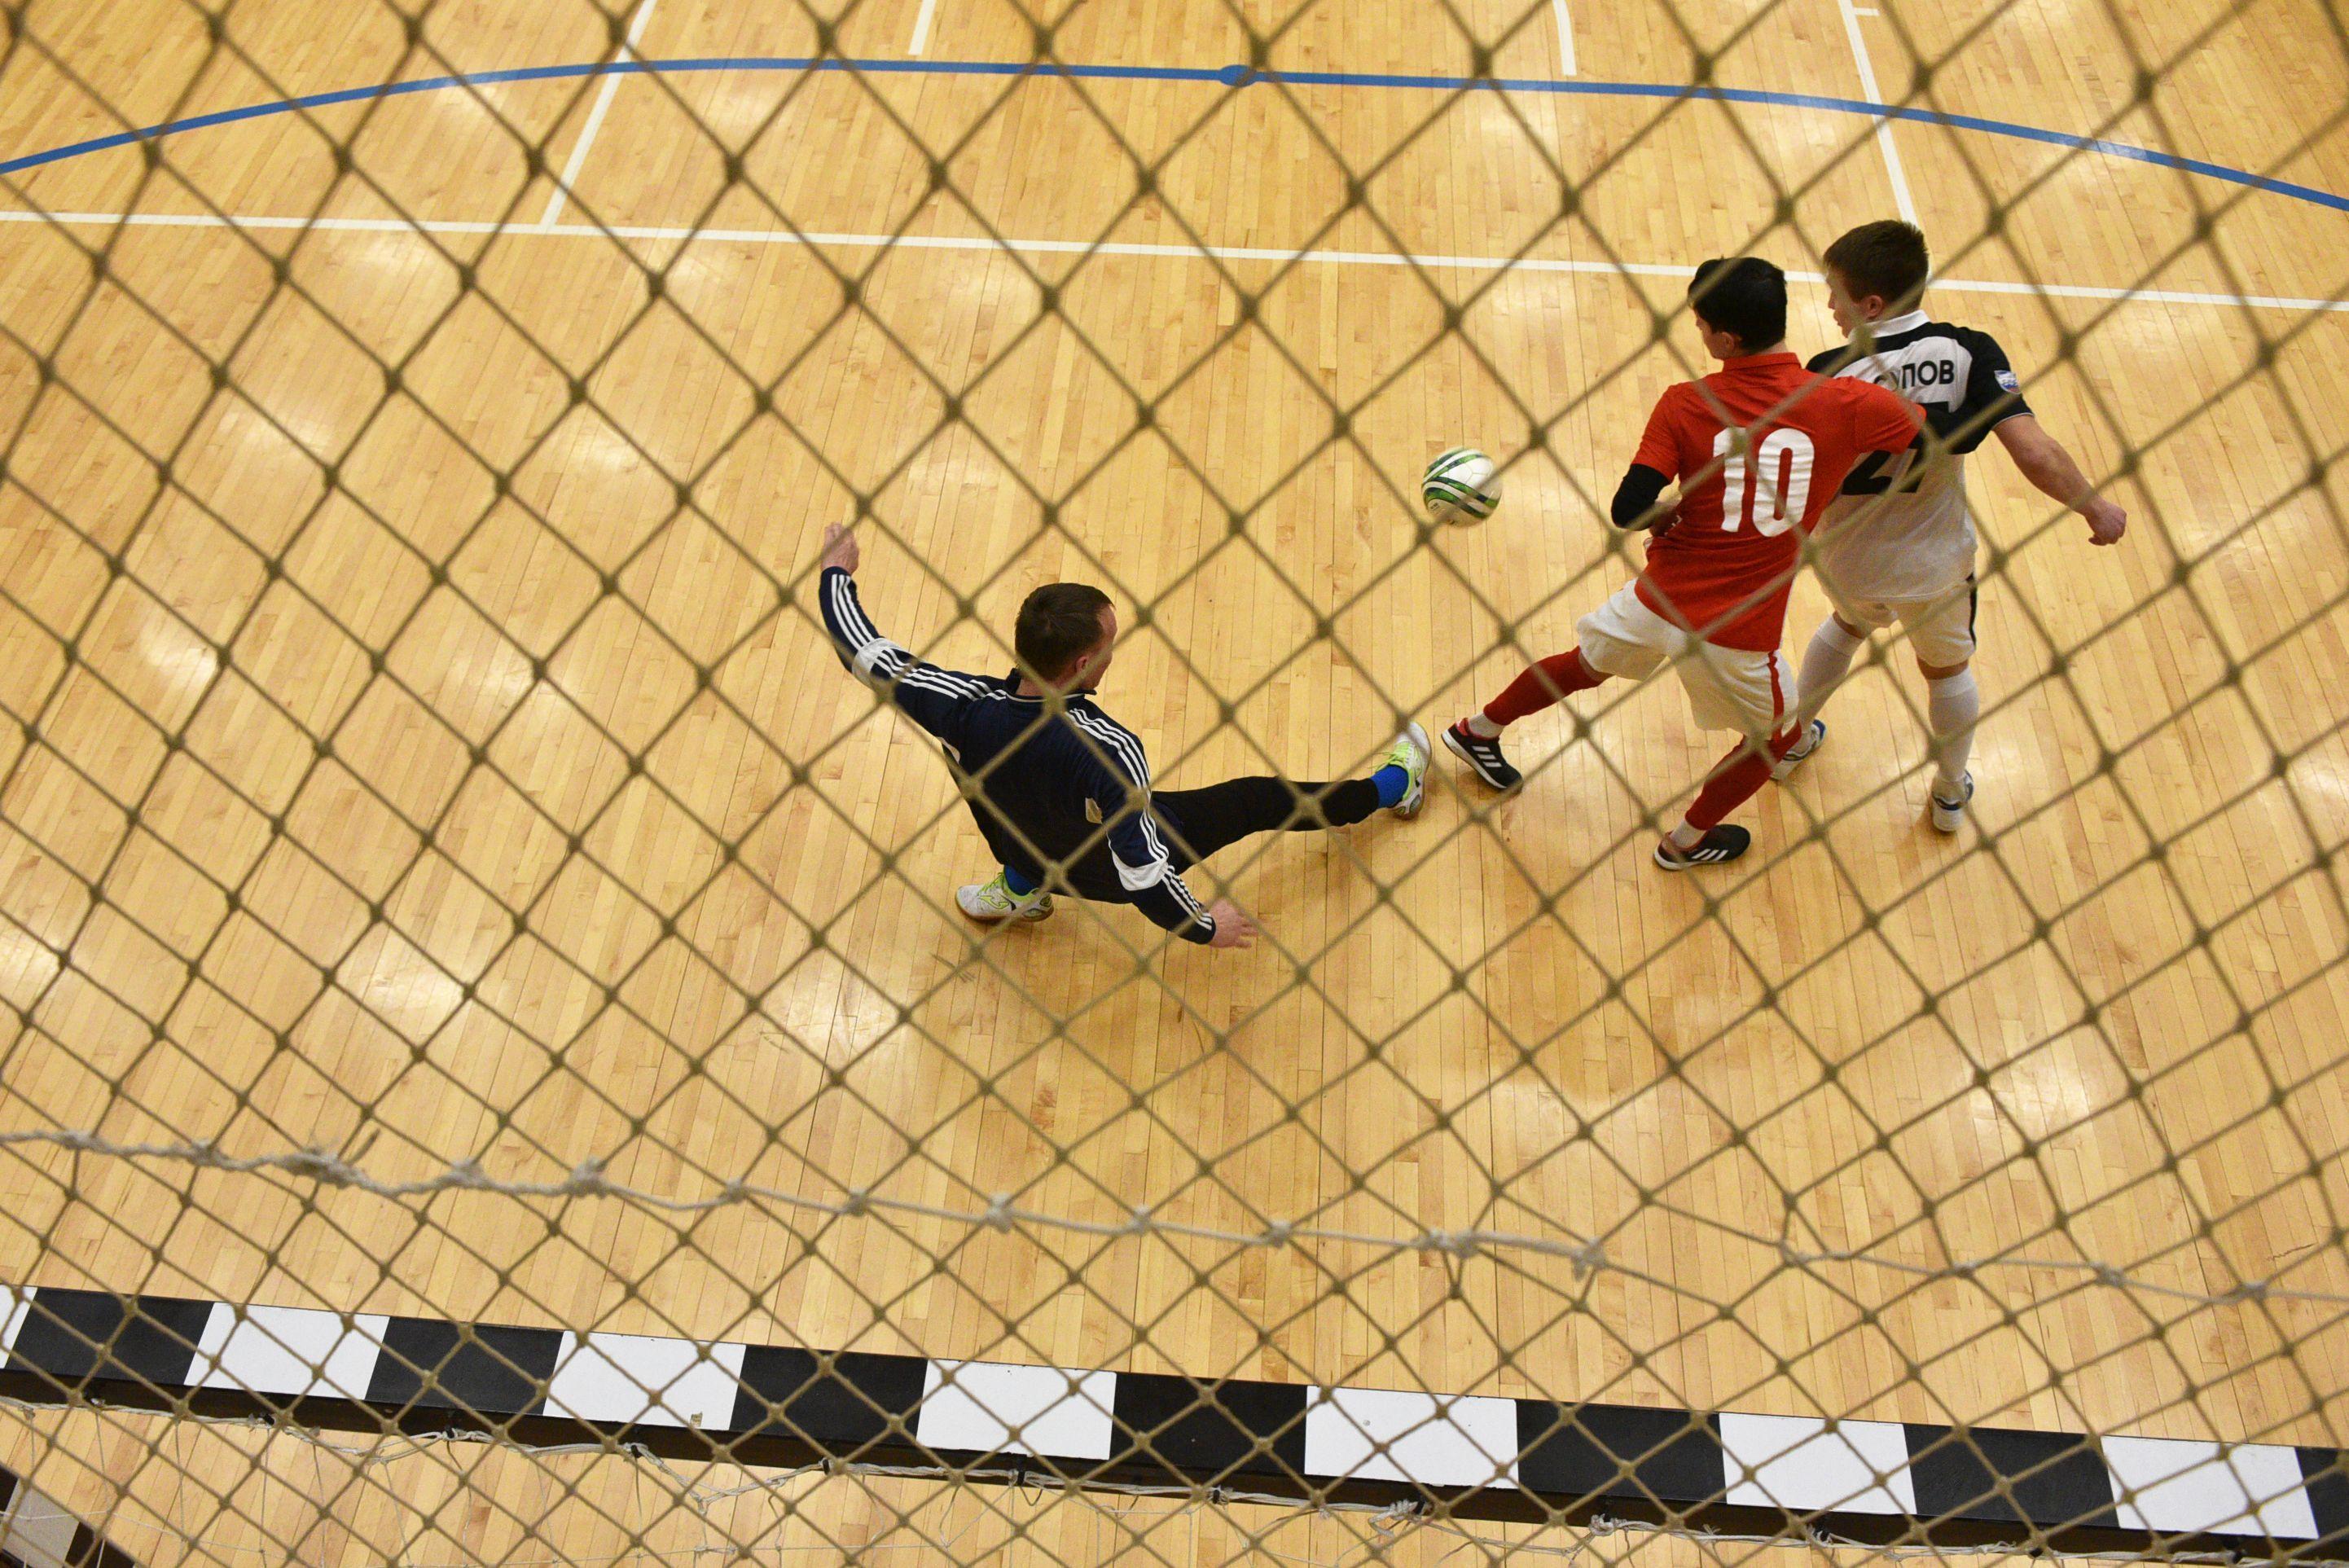 Призерами окружных соревнований стали футболисты из Краснопахорского